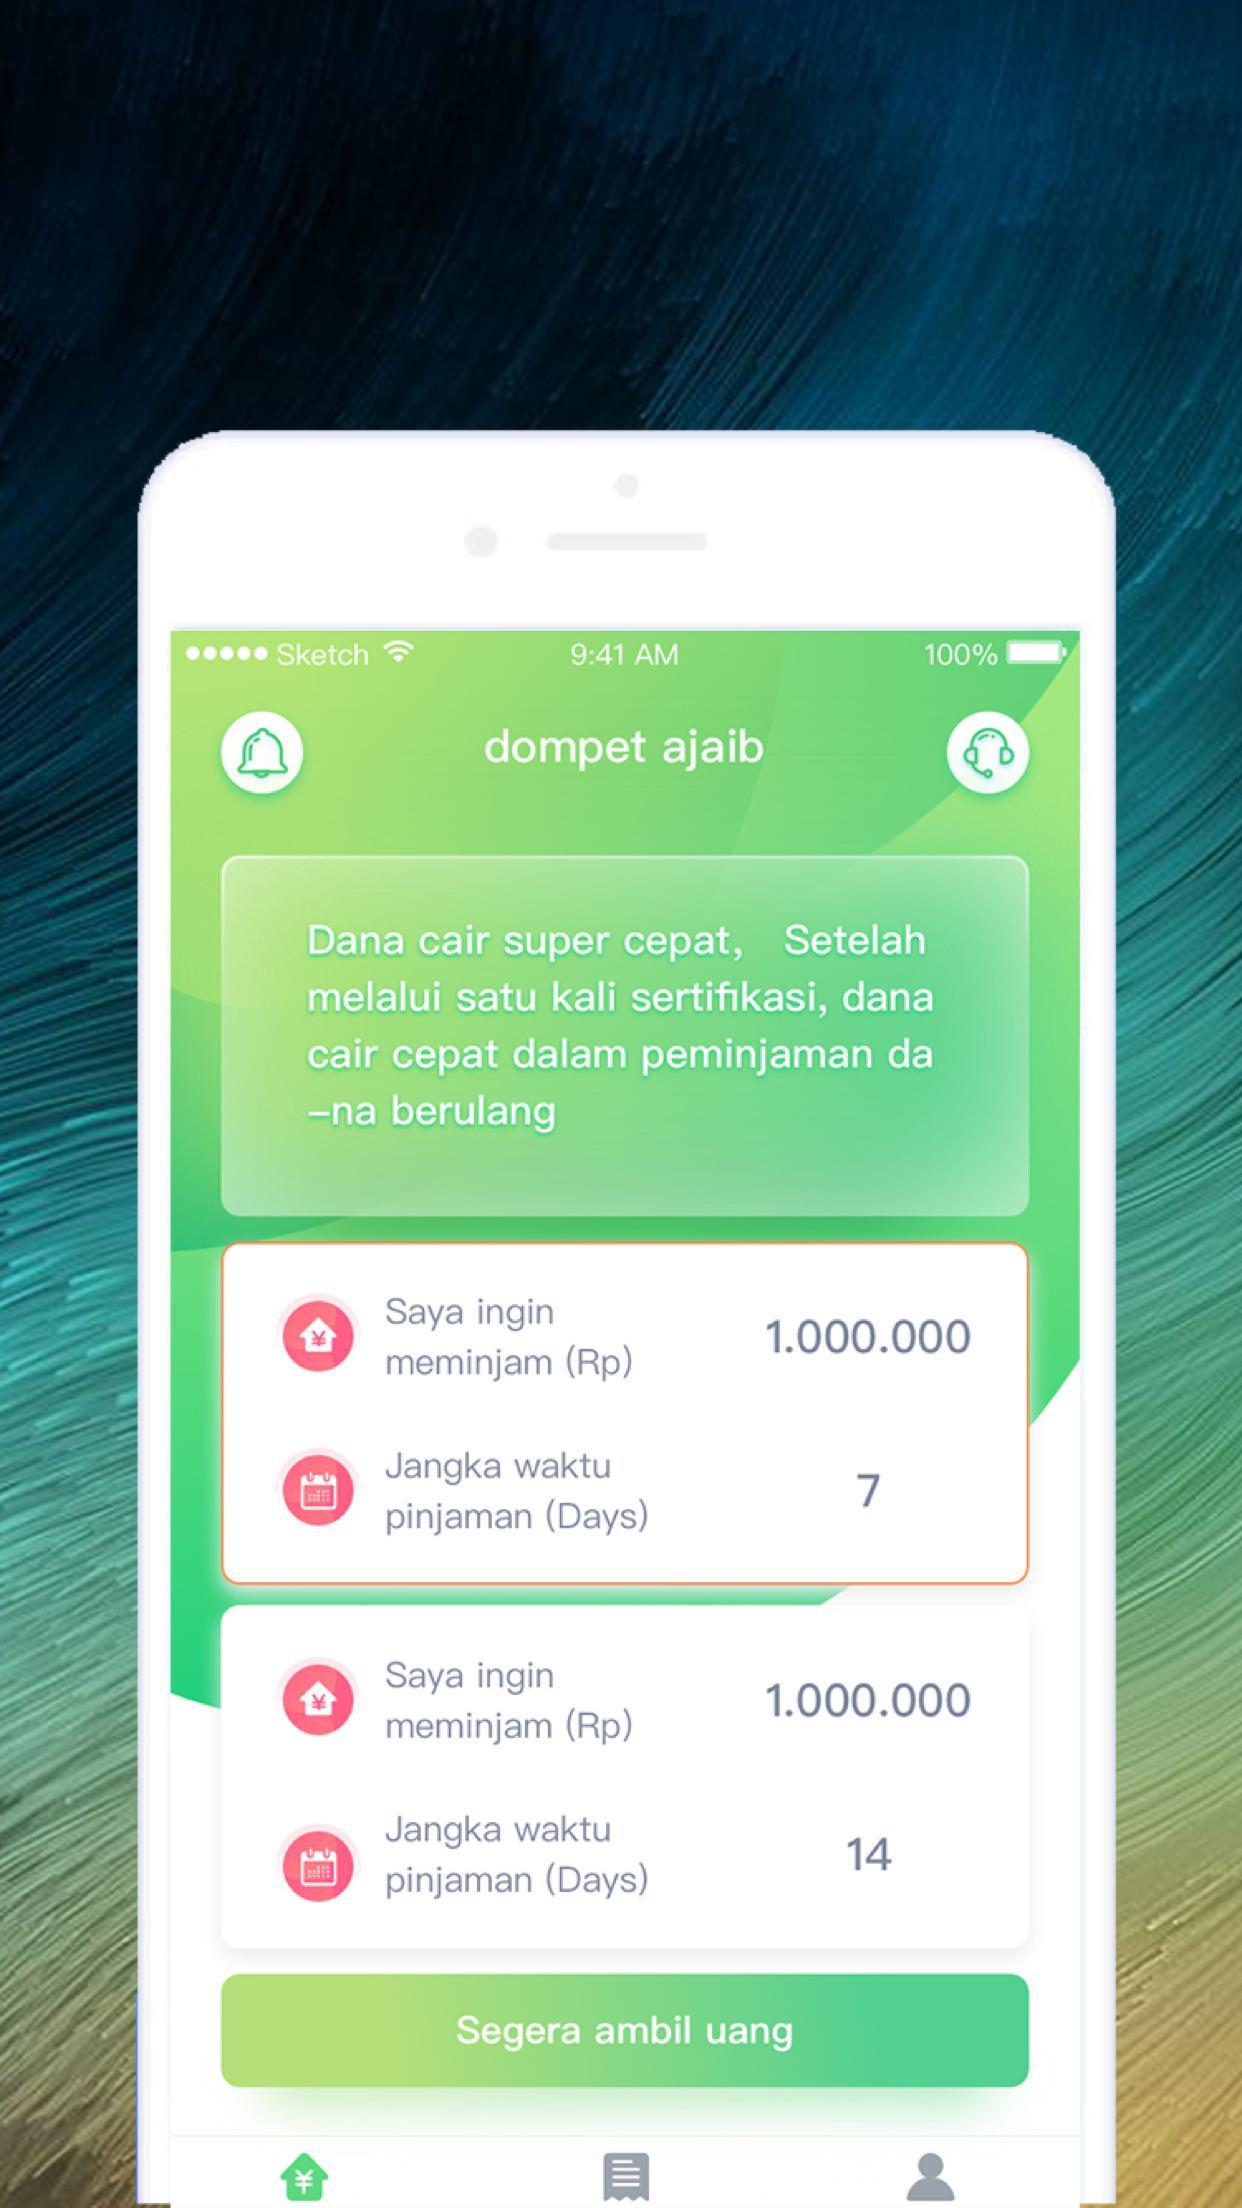 Dompet Ajaib Pinjaman Semua Orang Mudah Dan Cepat For Android